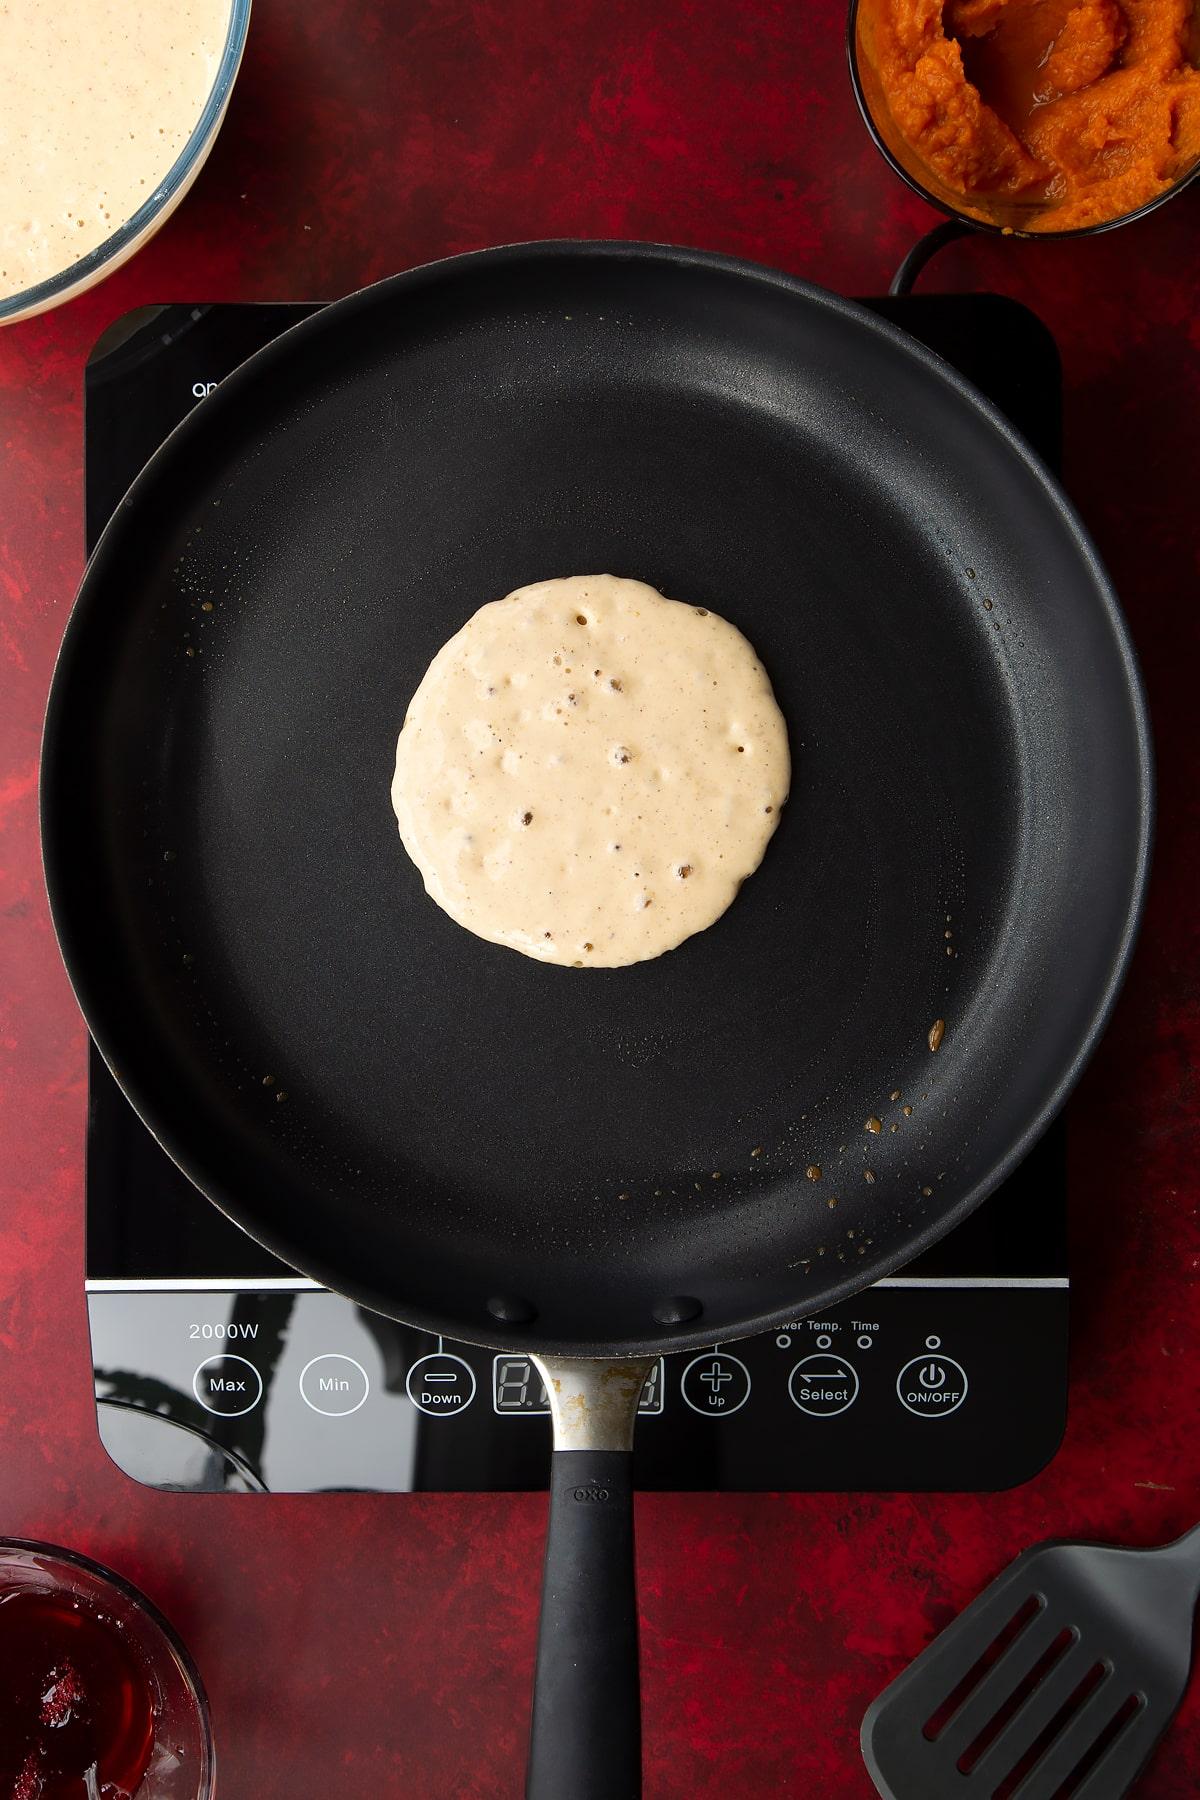 Pumpkin pancake batter bubbling in a greased frying pan. Ingredients to make Halloween pancakes surround the pan.